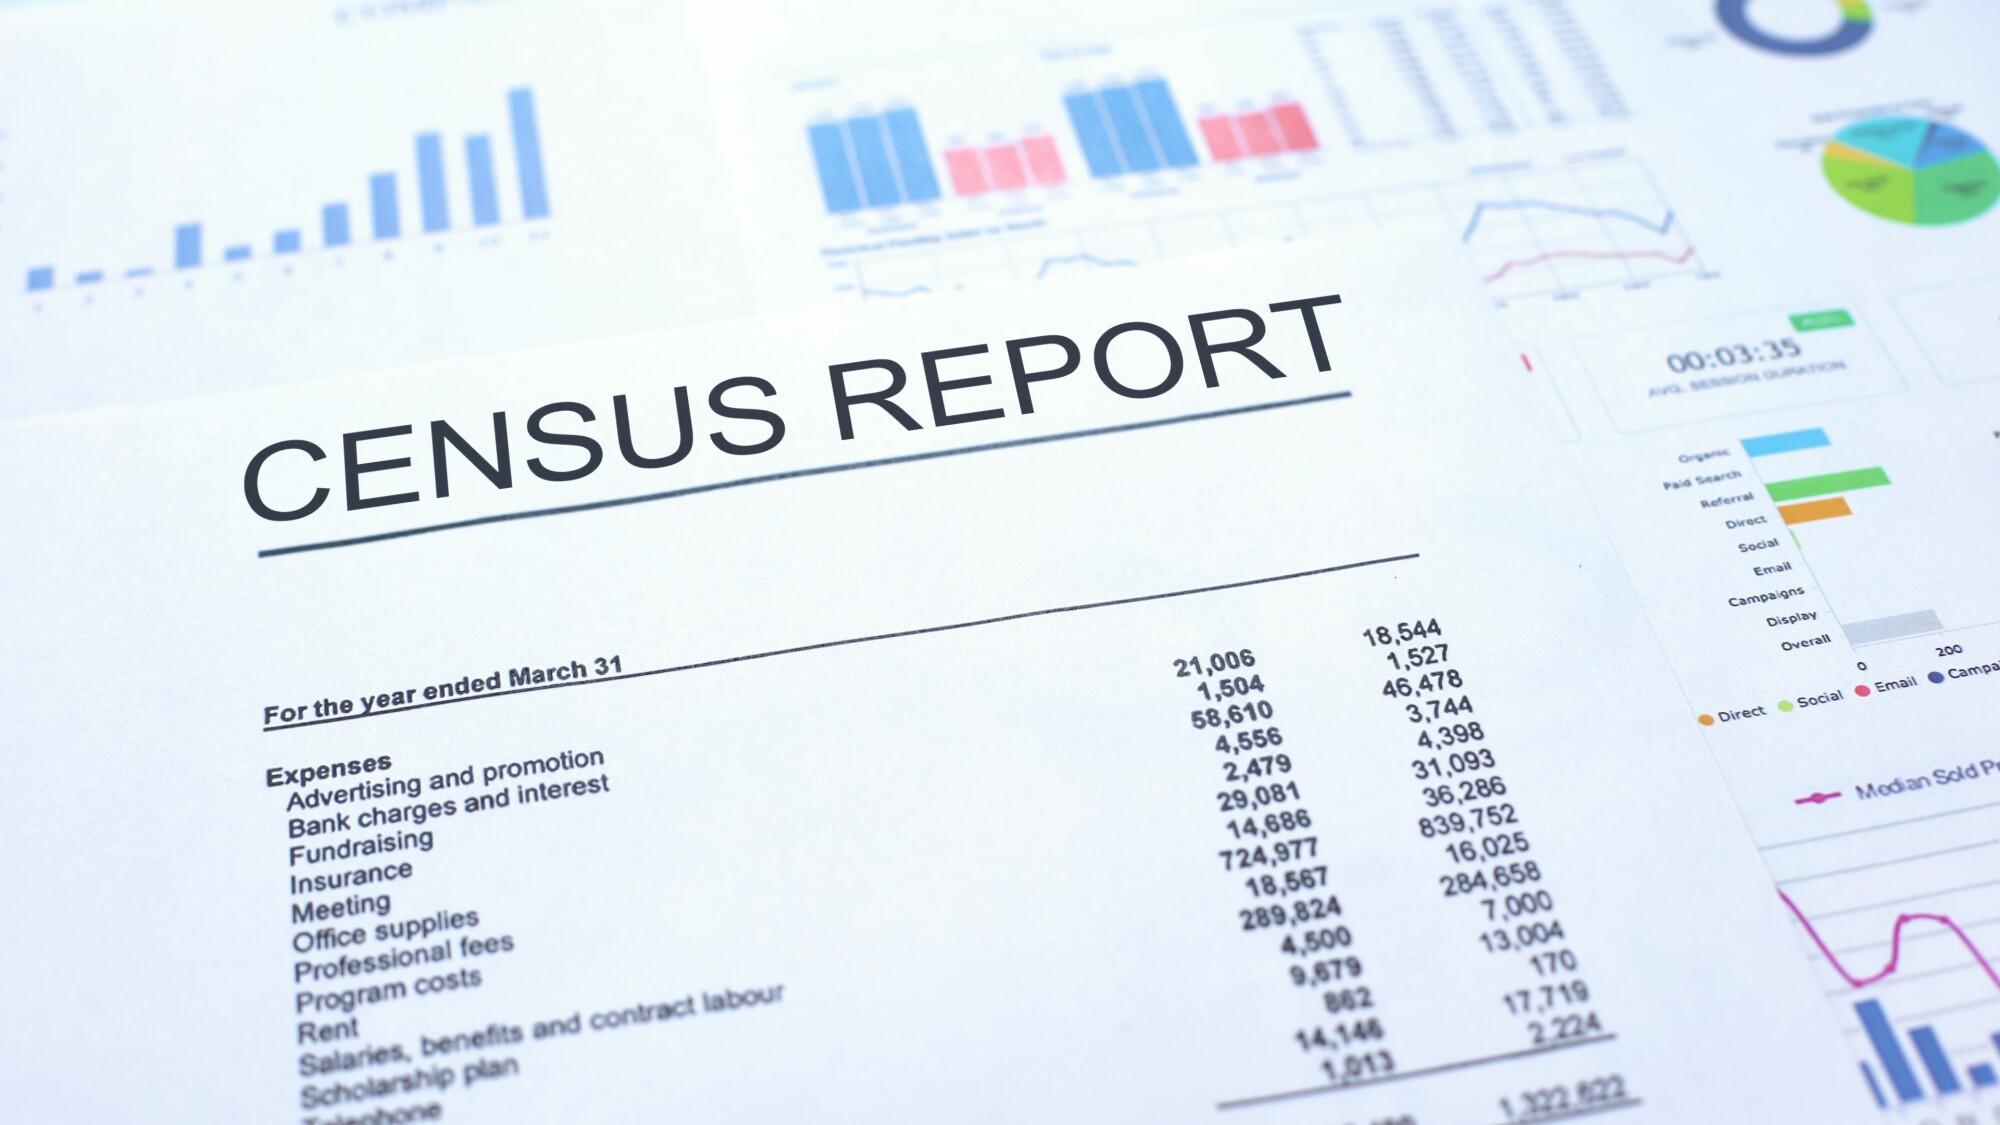 Census Report